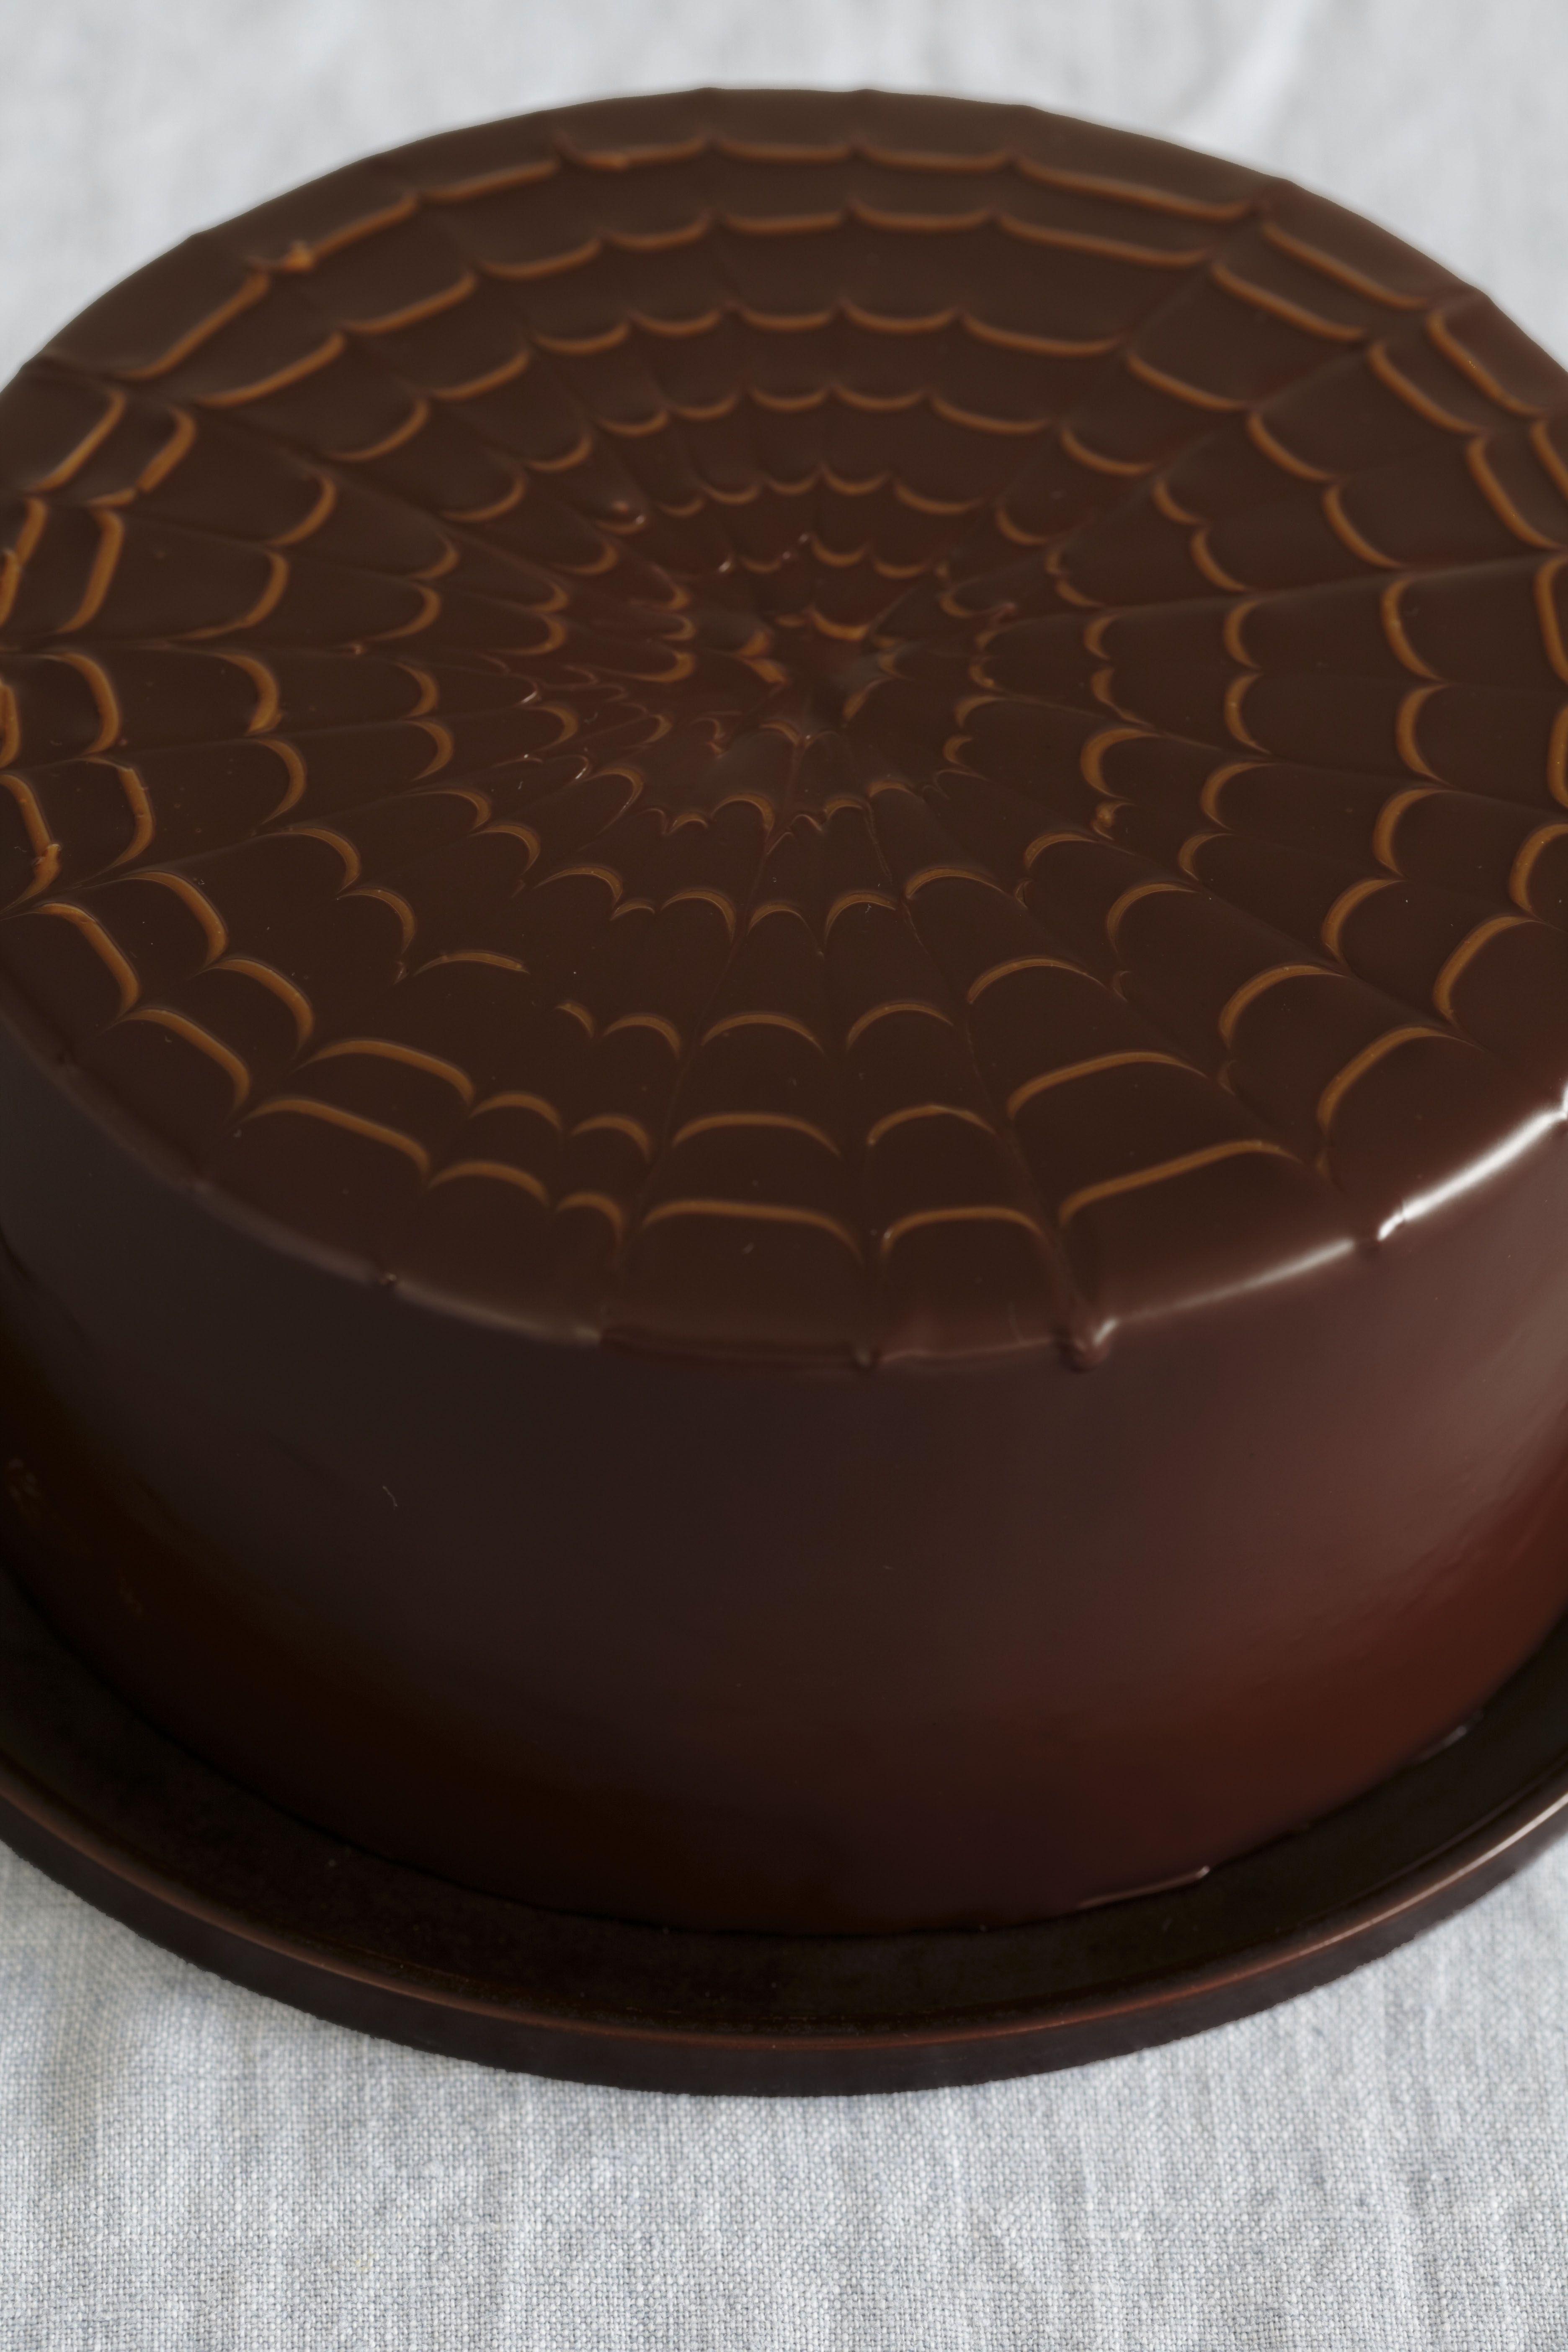 Peggy Porschen Layer Cake Recipe